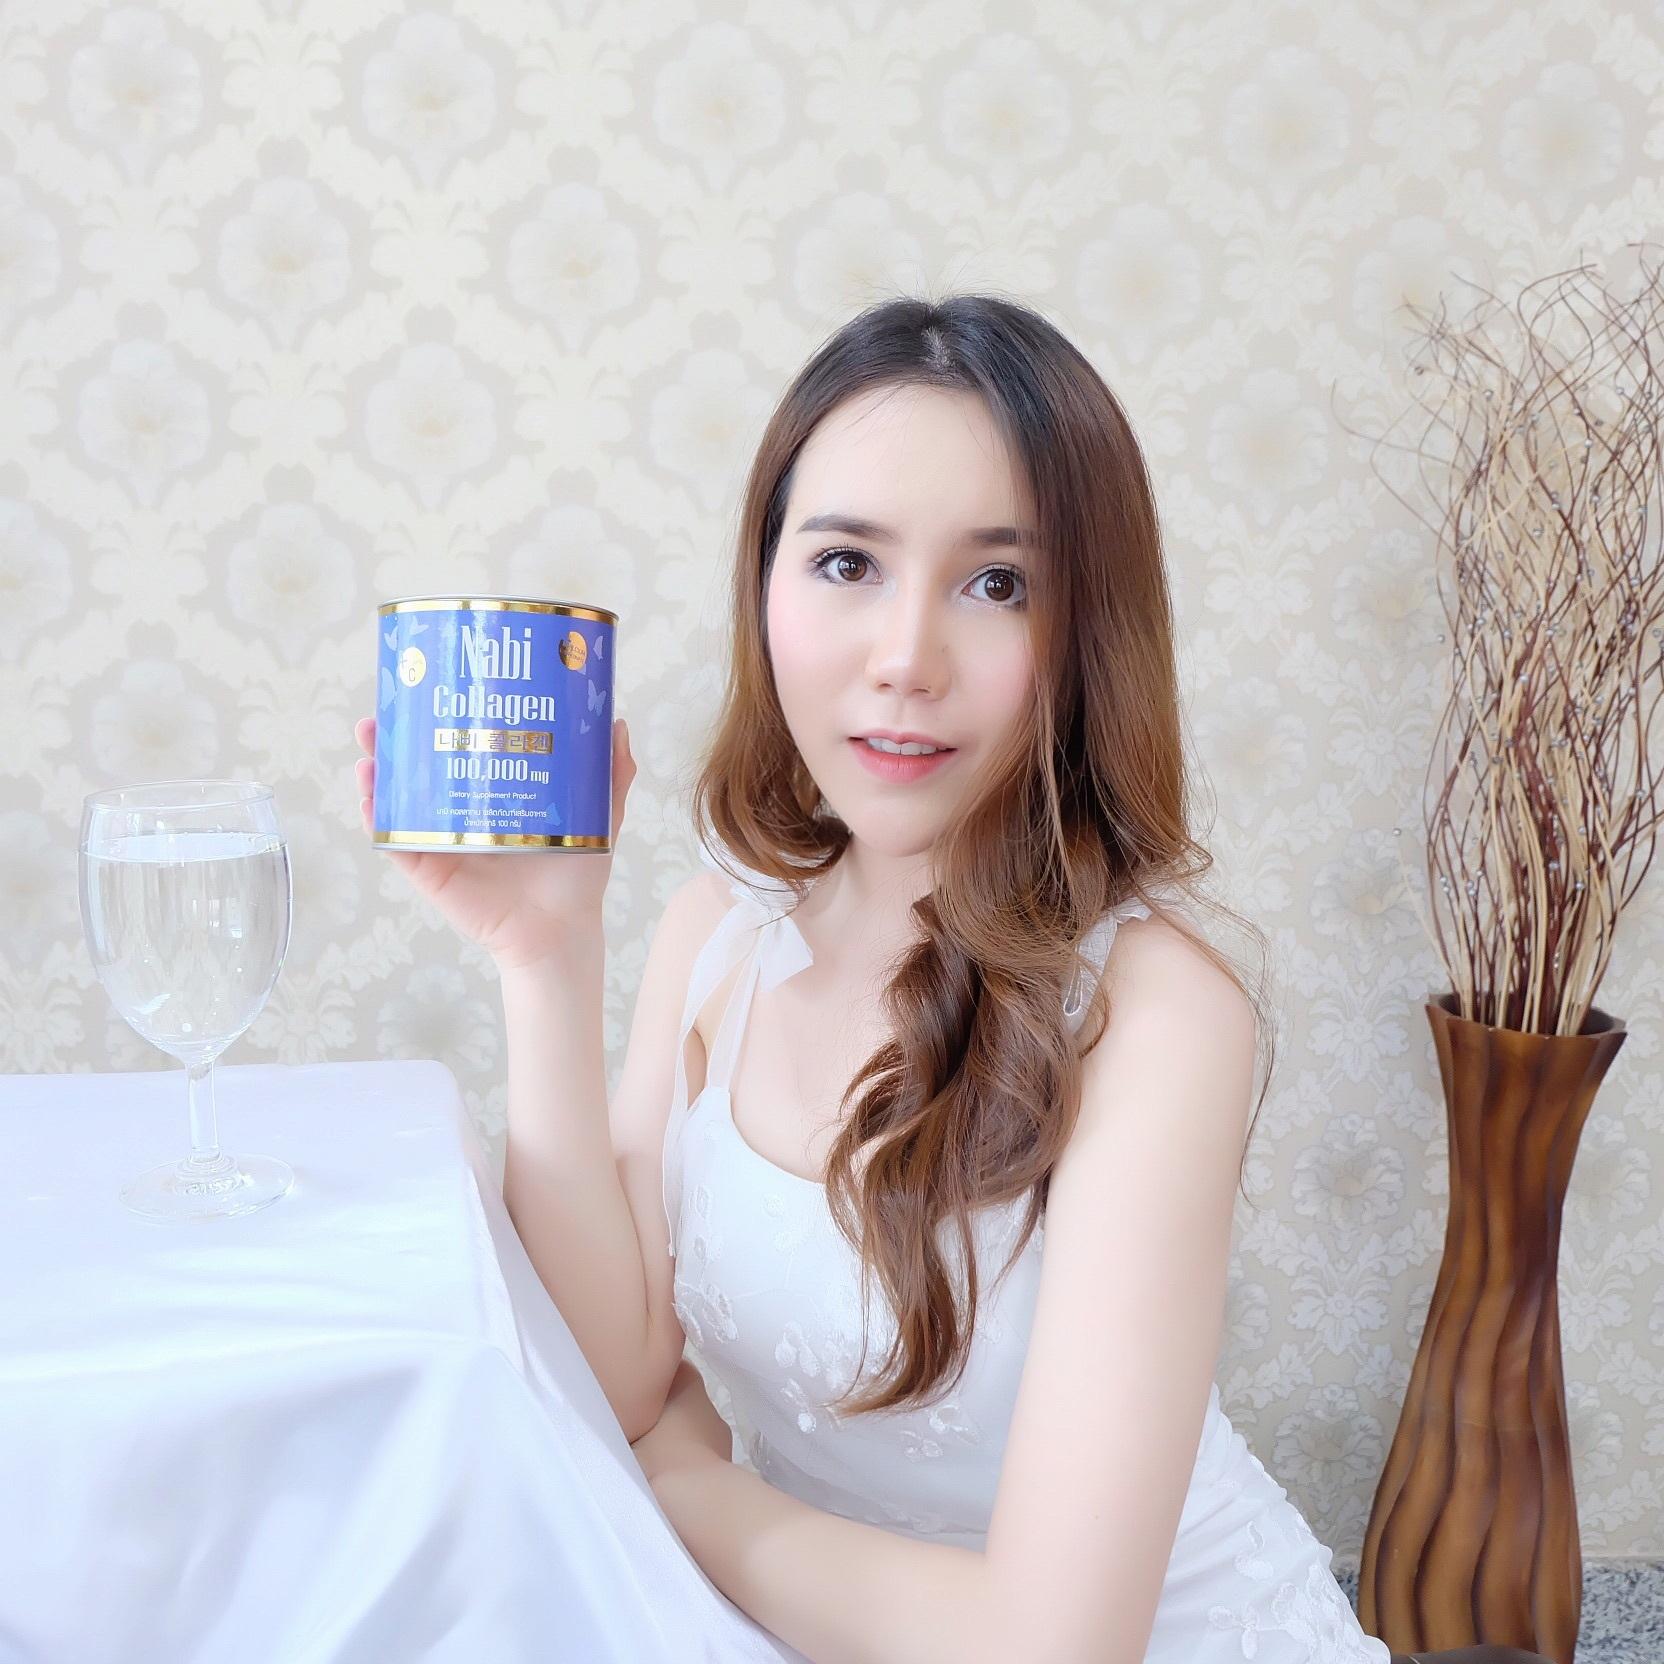 กิน Nabi Collagen ได้ผลดีไหม